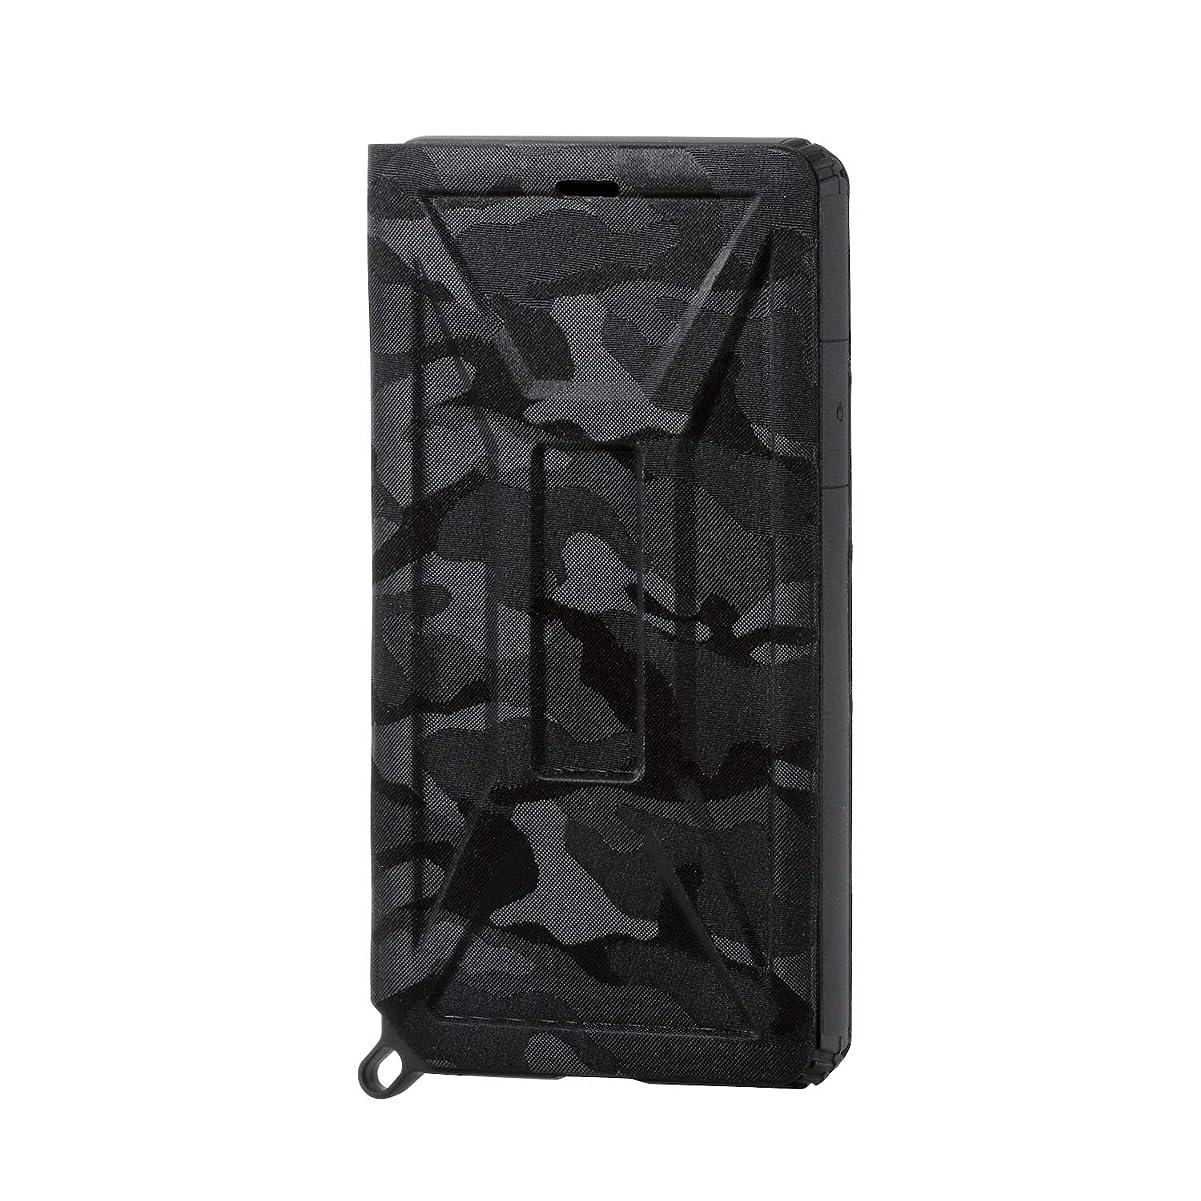 マイコン置くためにパックうがいエレコム iPhone XR ケース 衝撃吸収 ZEROSHOCK フラップタイプ TPU素材採用 【落下時の衝撃から本体を守る】 カモフラ(ブラック) PM-A18CZEROFT1